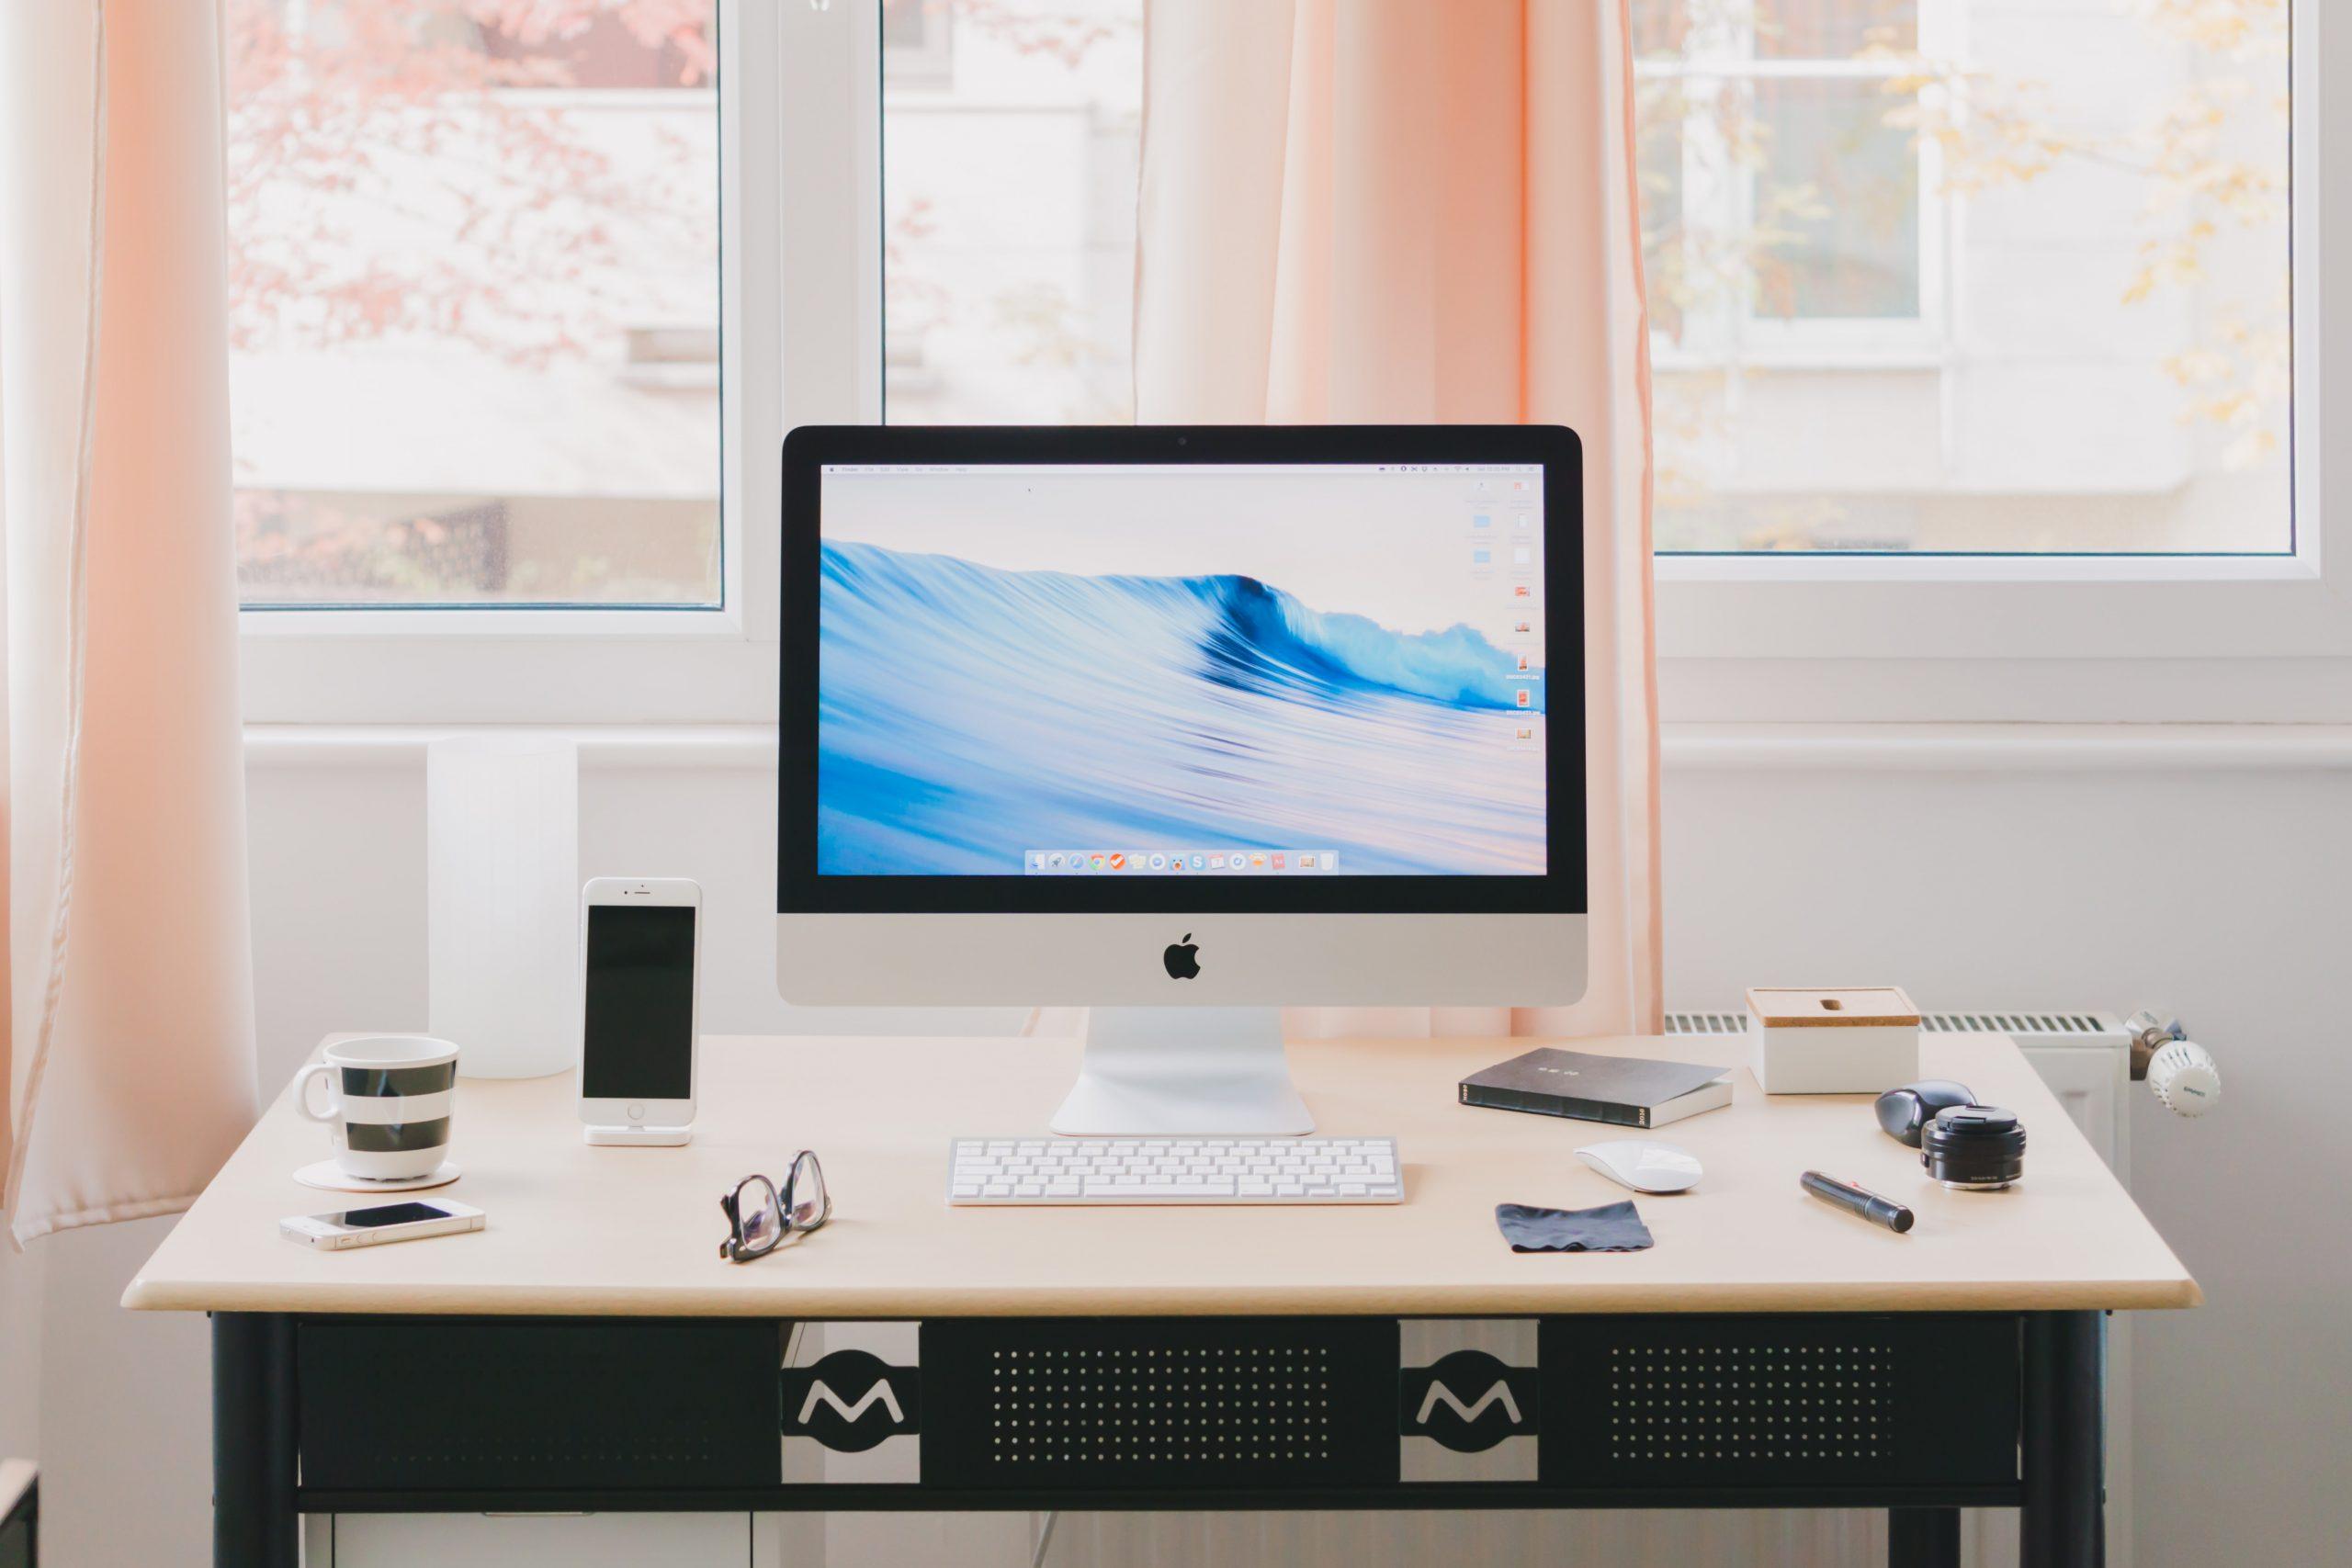 自宅の部屋のデスクの上にあるデスクトップパソコンとメモ帳